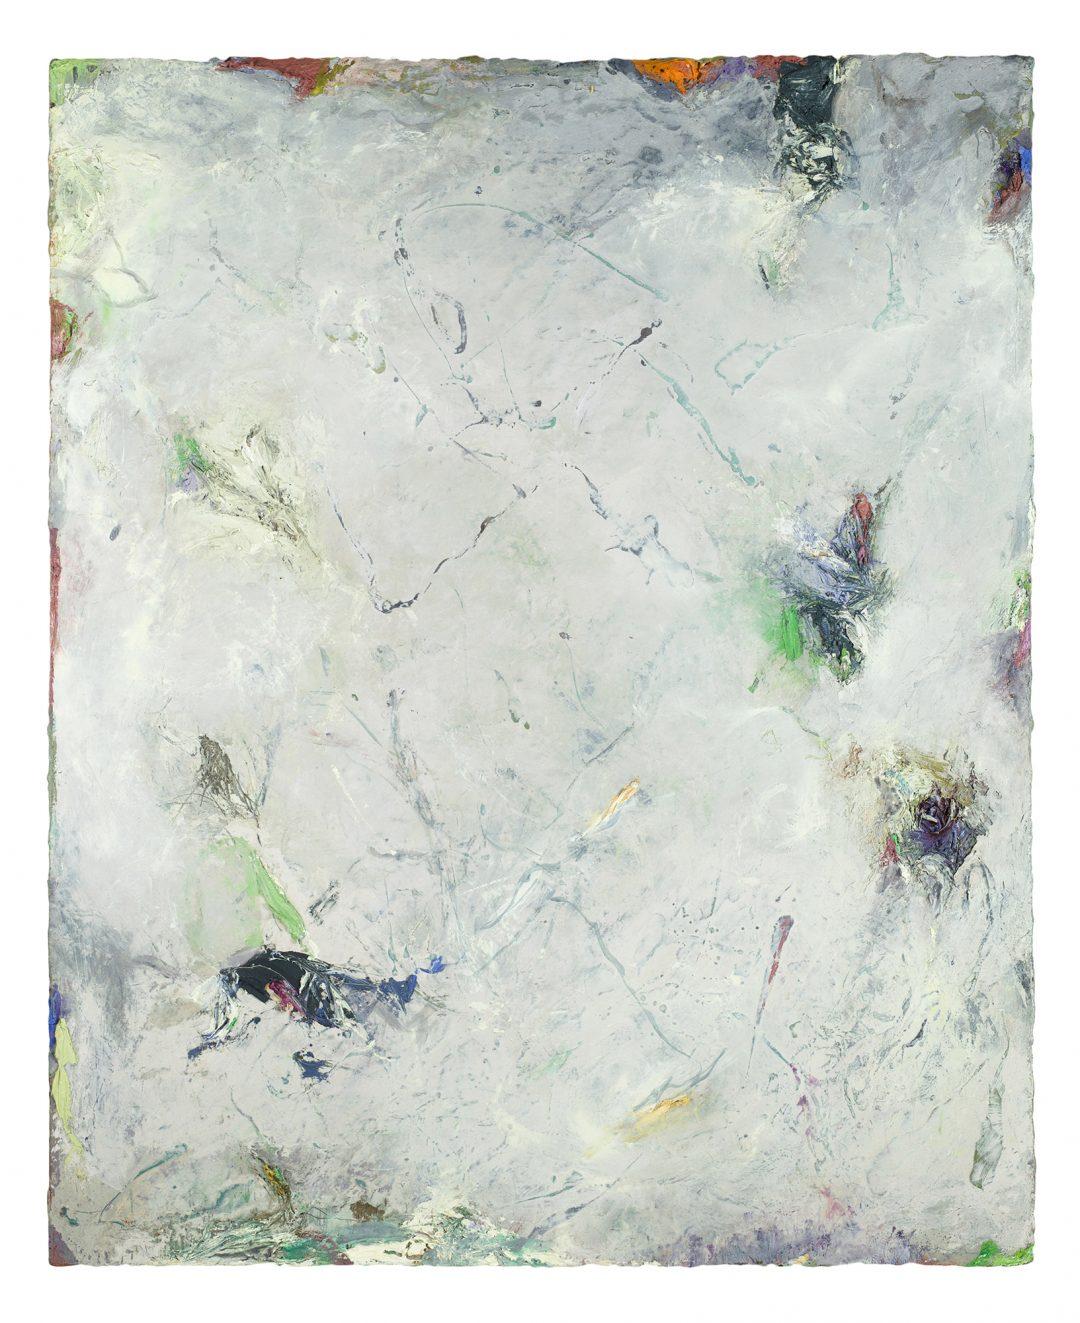 h2-1-anne-manoli-peinture-2018-huile-emulsion-et-cire-sur-toile-166cmx133cm-serie-les-moires-galerie-nicolas-deman-paris-